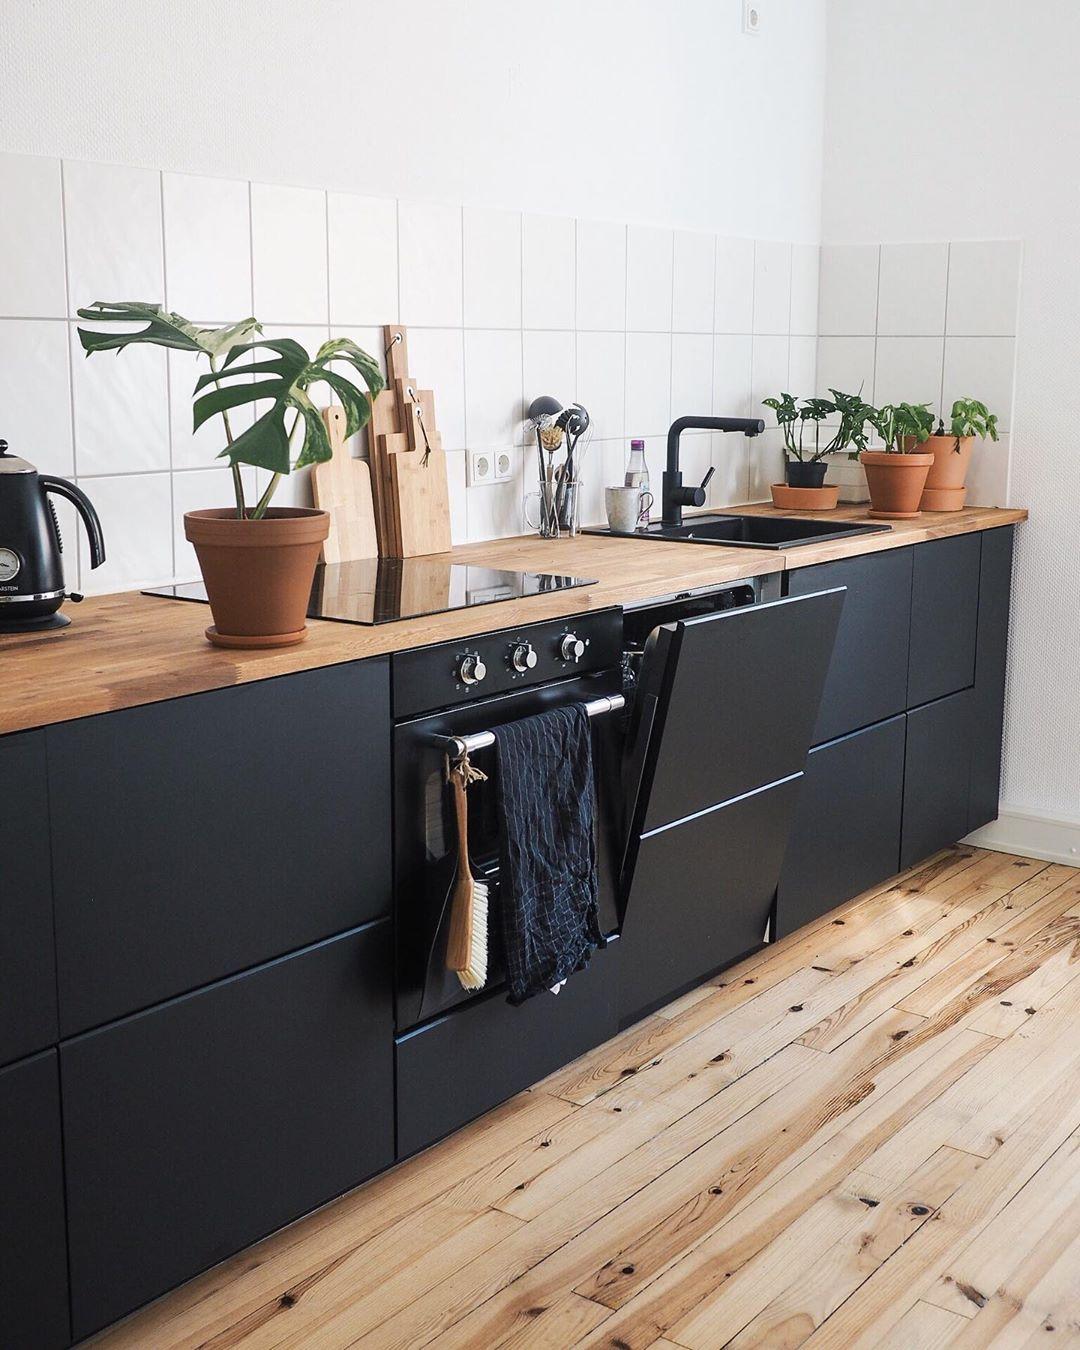 Full Size of Ikea Küchenzeile Miniküche Küche Kaufen Kosten Sofa Mit Schlaffunktion Betten 160x200 Bei Modulküche Wohnzimmer Ikea Küchenzeile